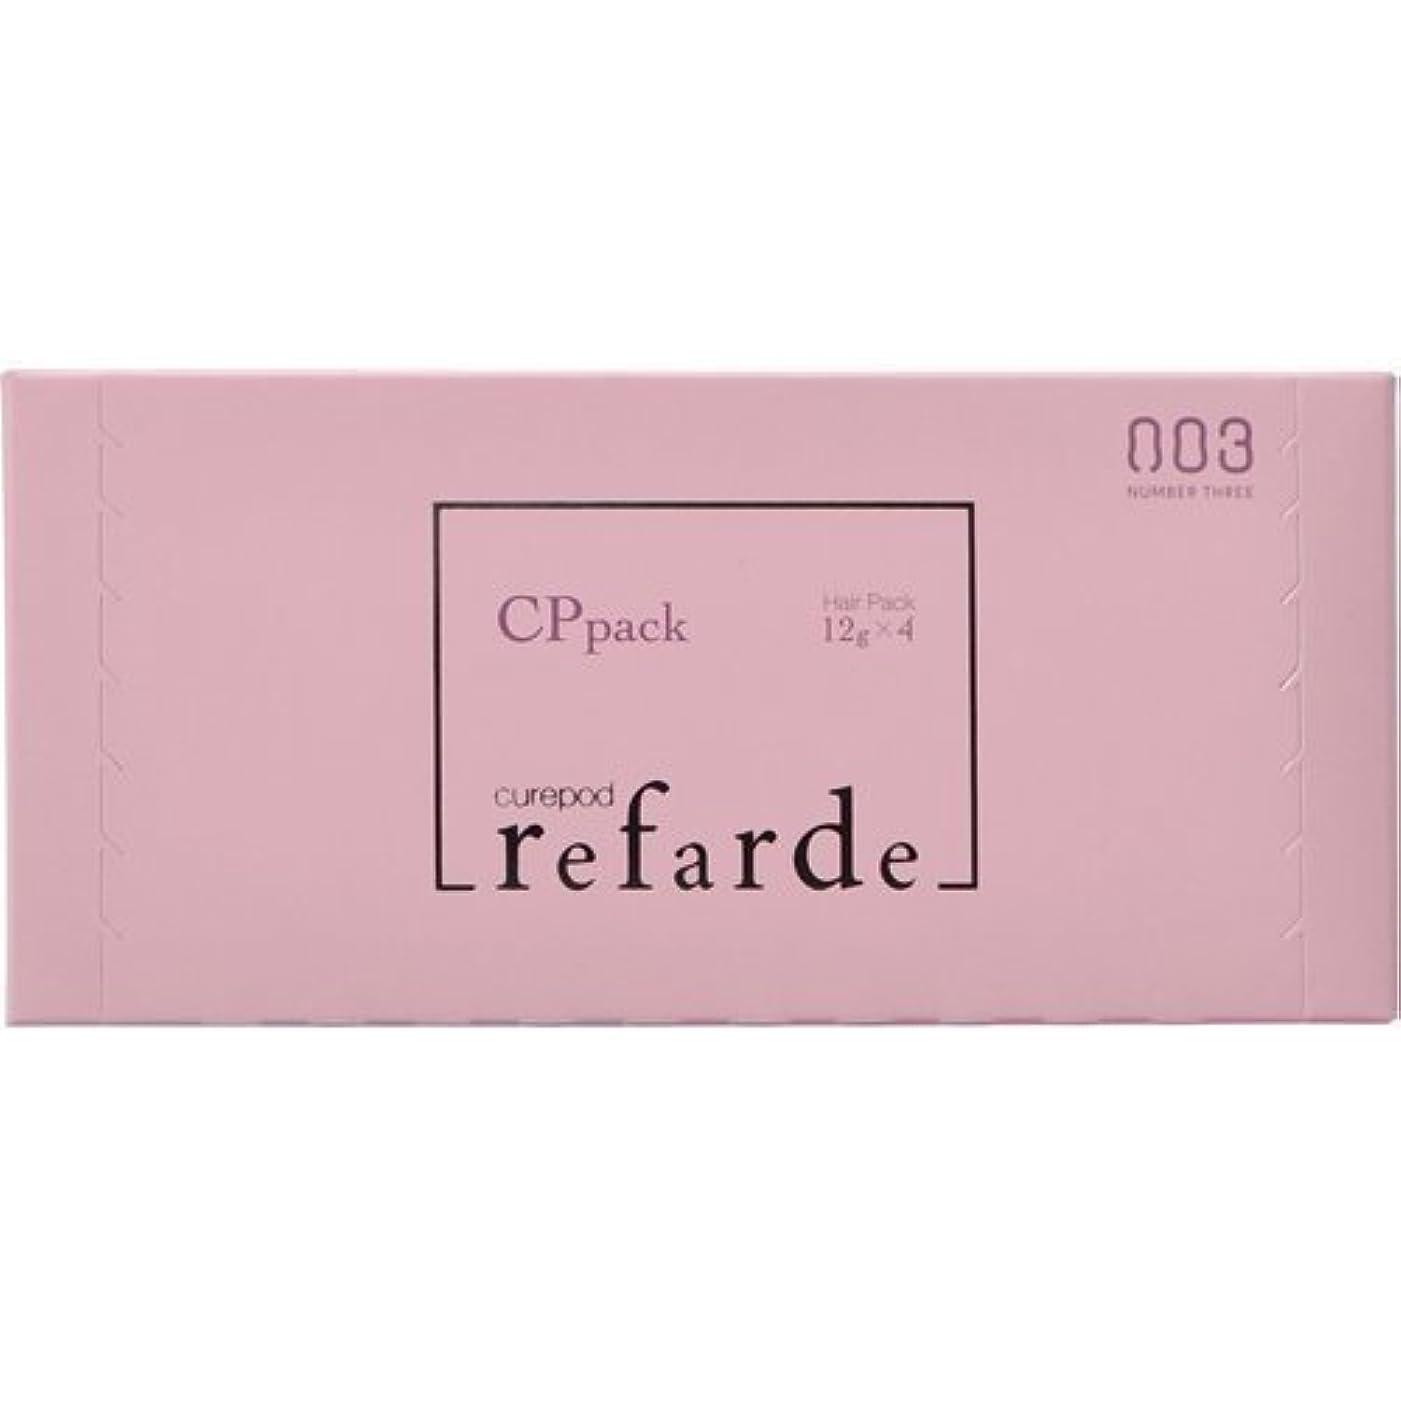 めまいが人屋内で【10個セット】ナンバースリー ルファルデ CPパック 12g×4包